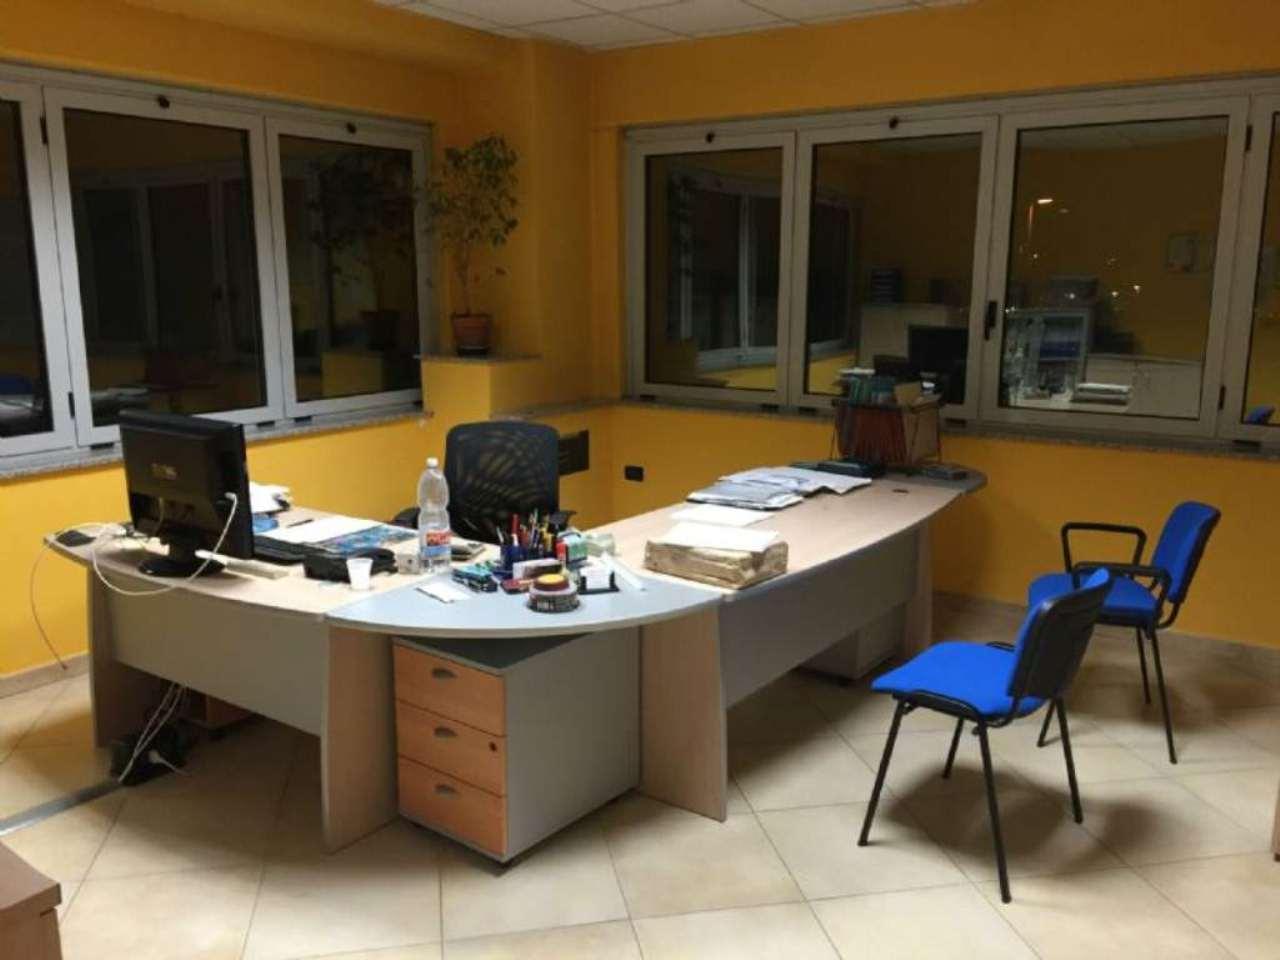 Capannone in vendita a Givoletto, 1 locali, prezzo € 229.000 | CambioCasa.it